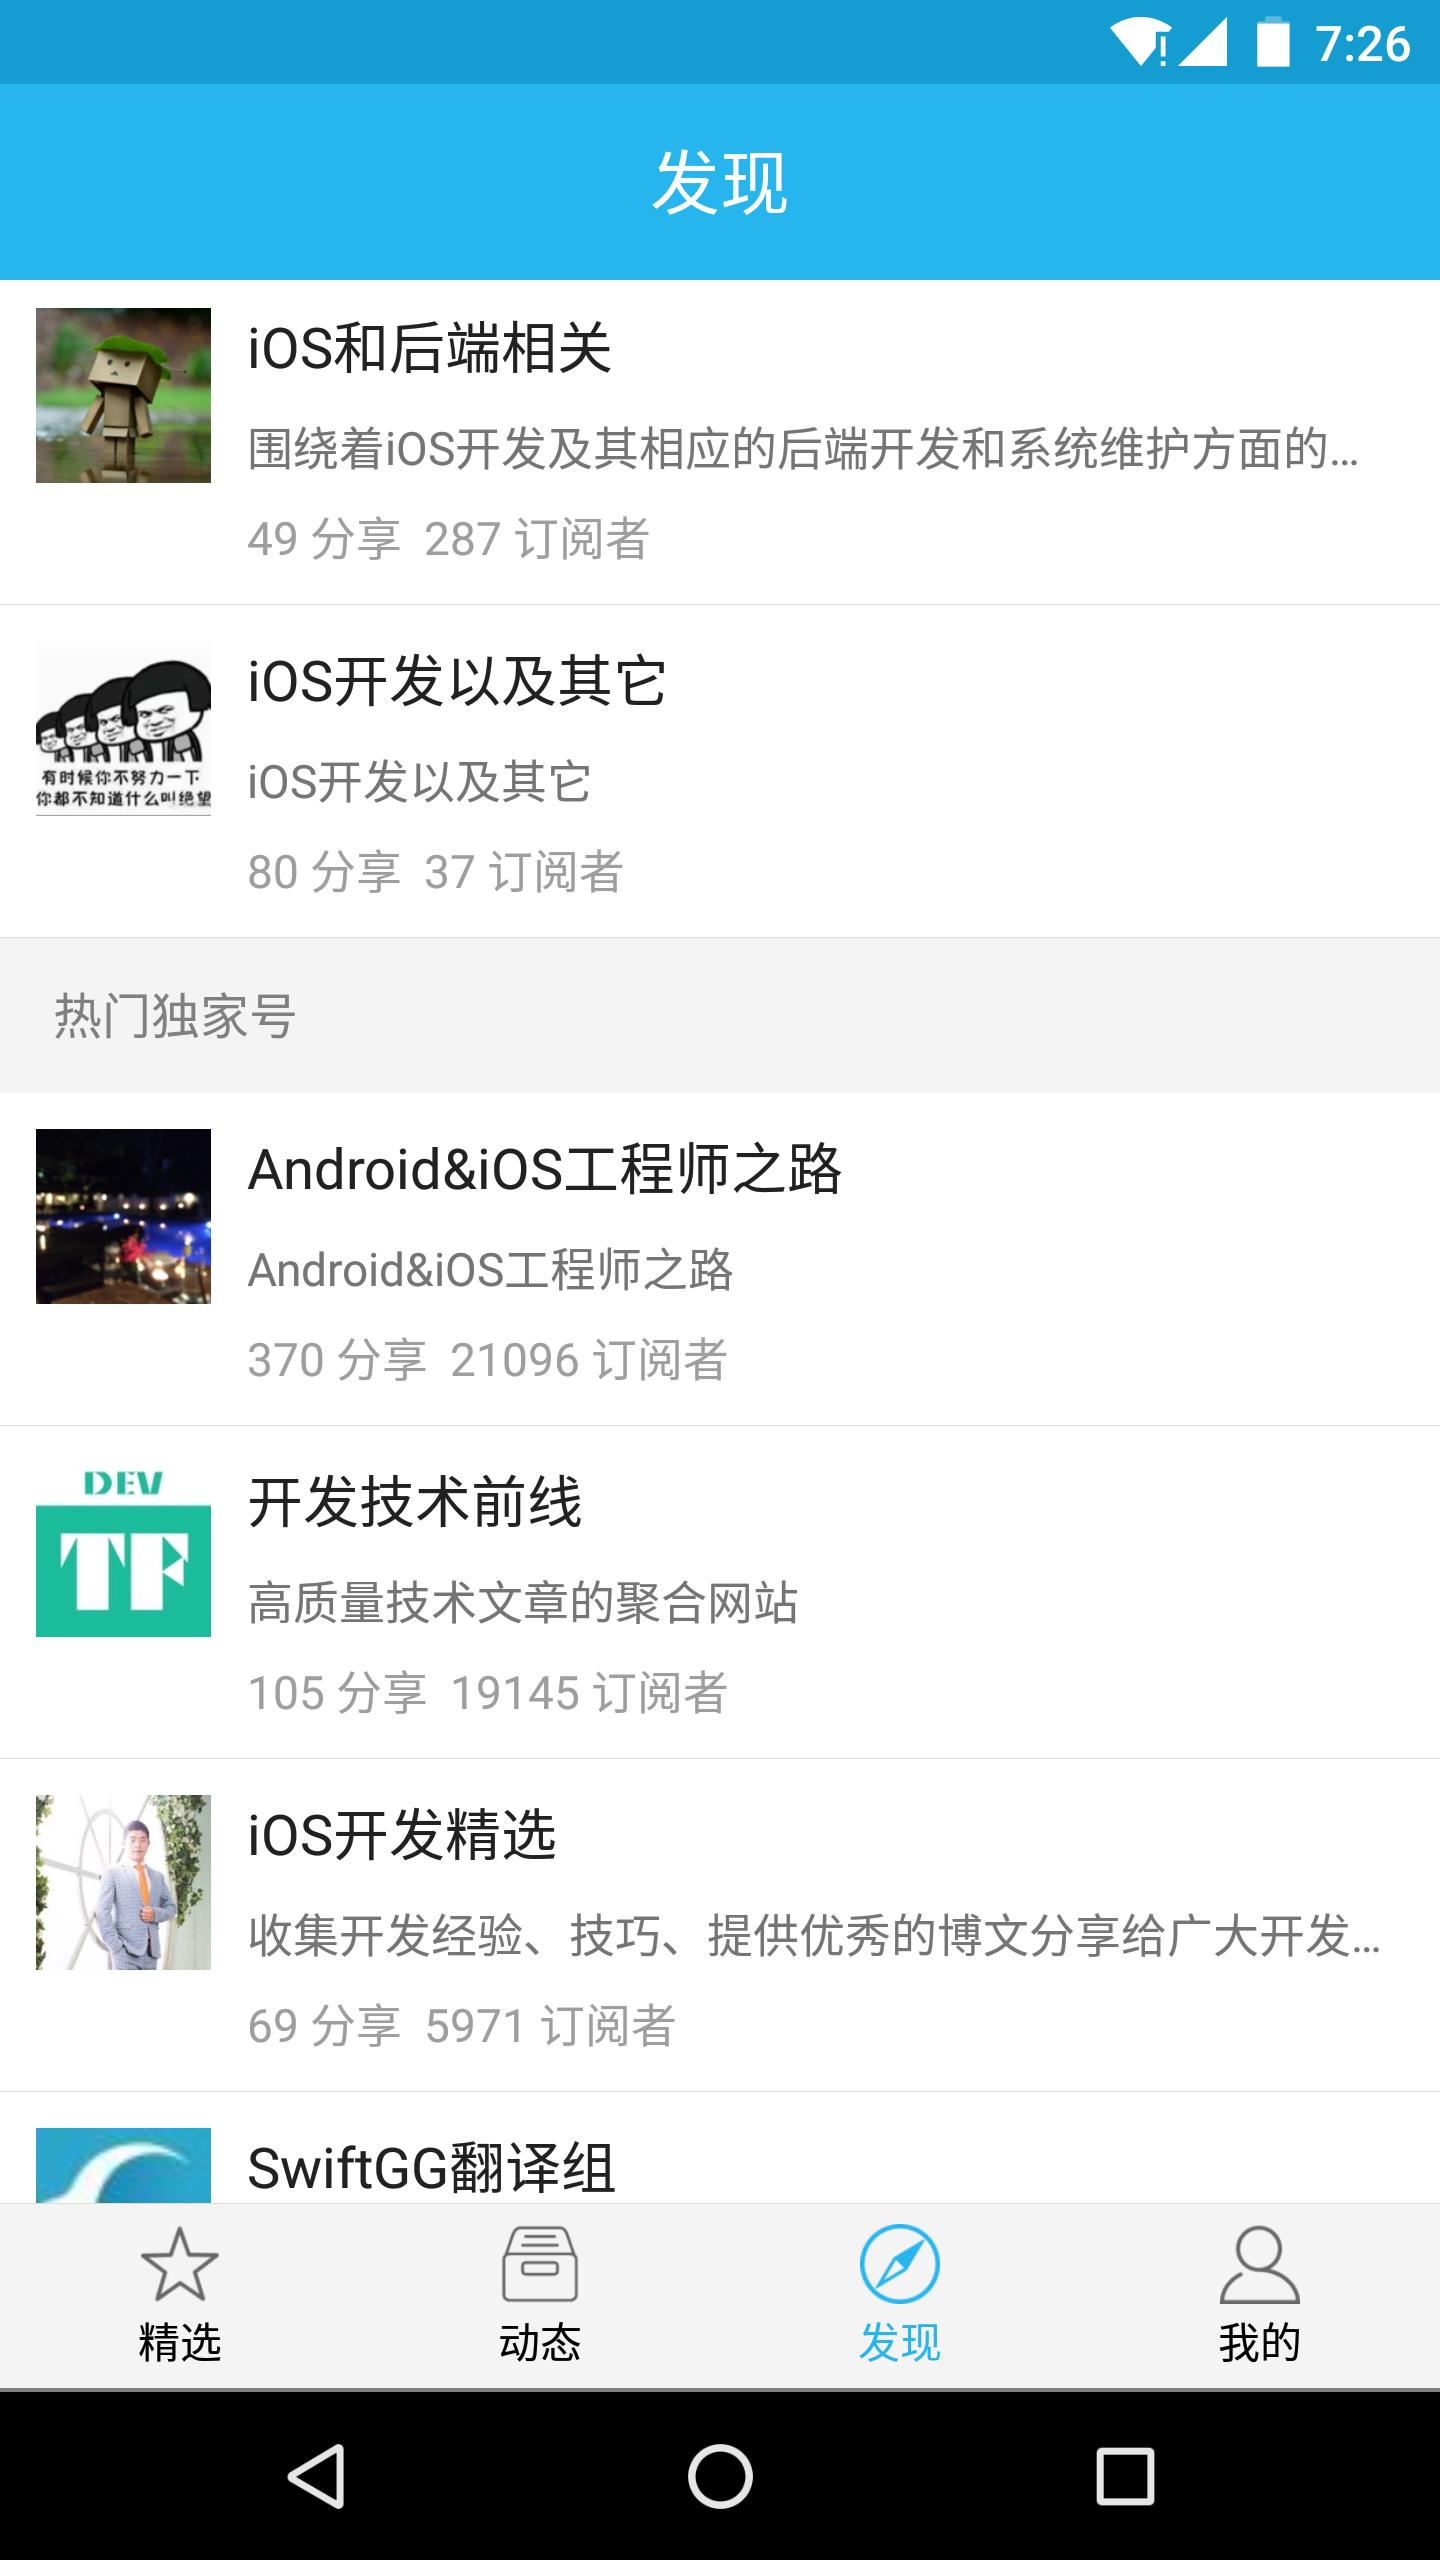 iOS程序员软件截图2